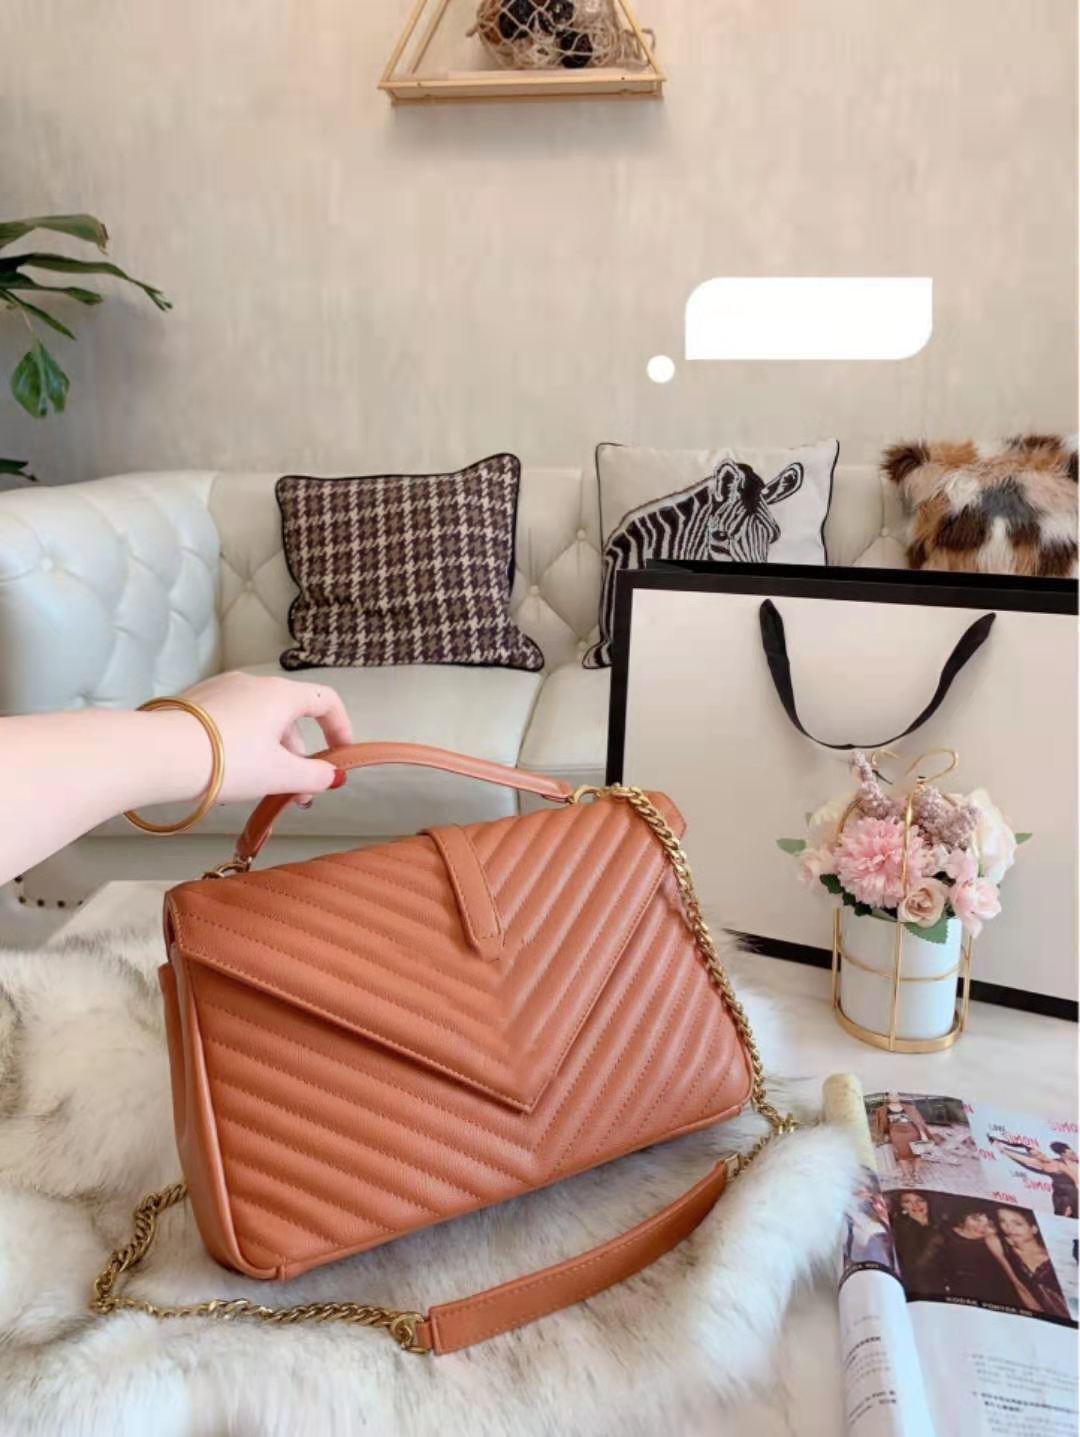 Lady Classic Taschen Kette Leder Mode Tragbare Neigung Schulter Ling Die Messenger Handtasche Einzelne Tasche Echte Handtasche Gesteppte VGUFH